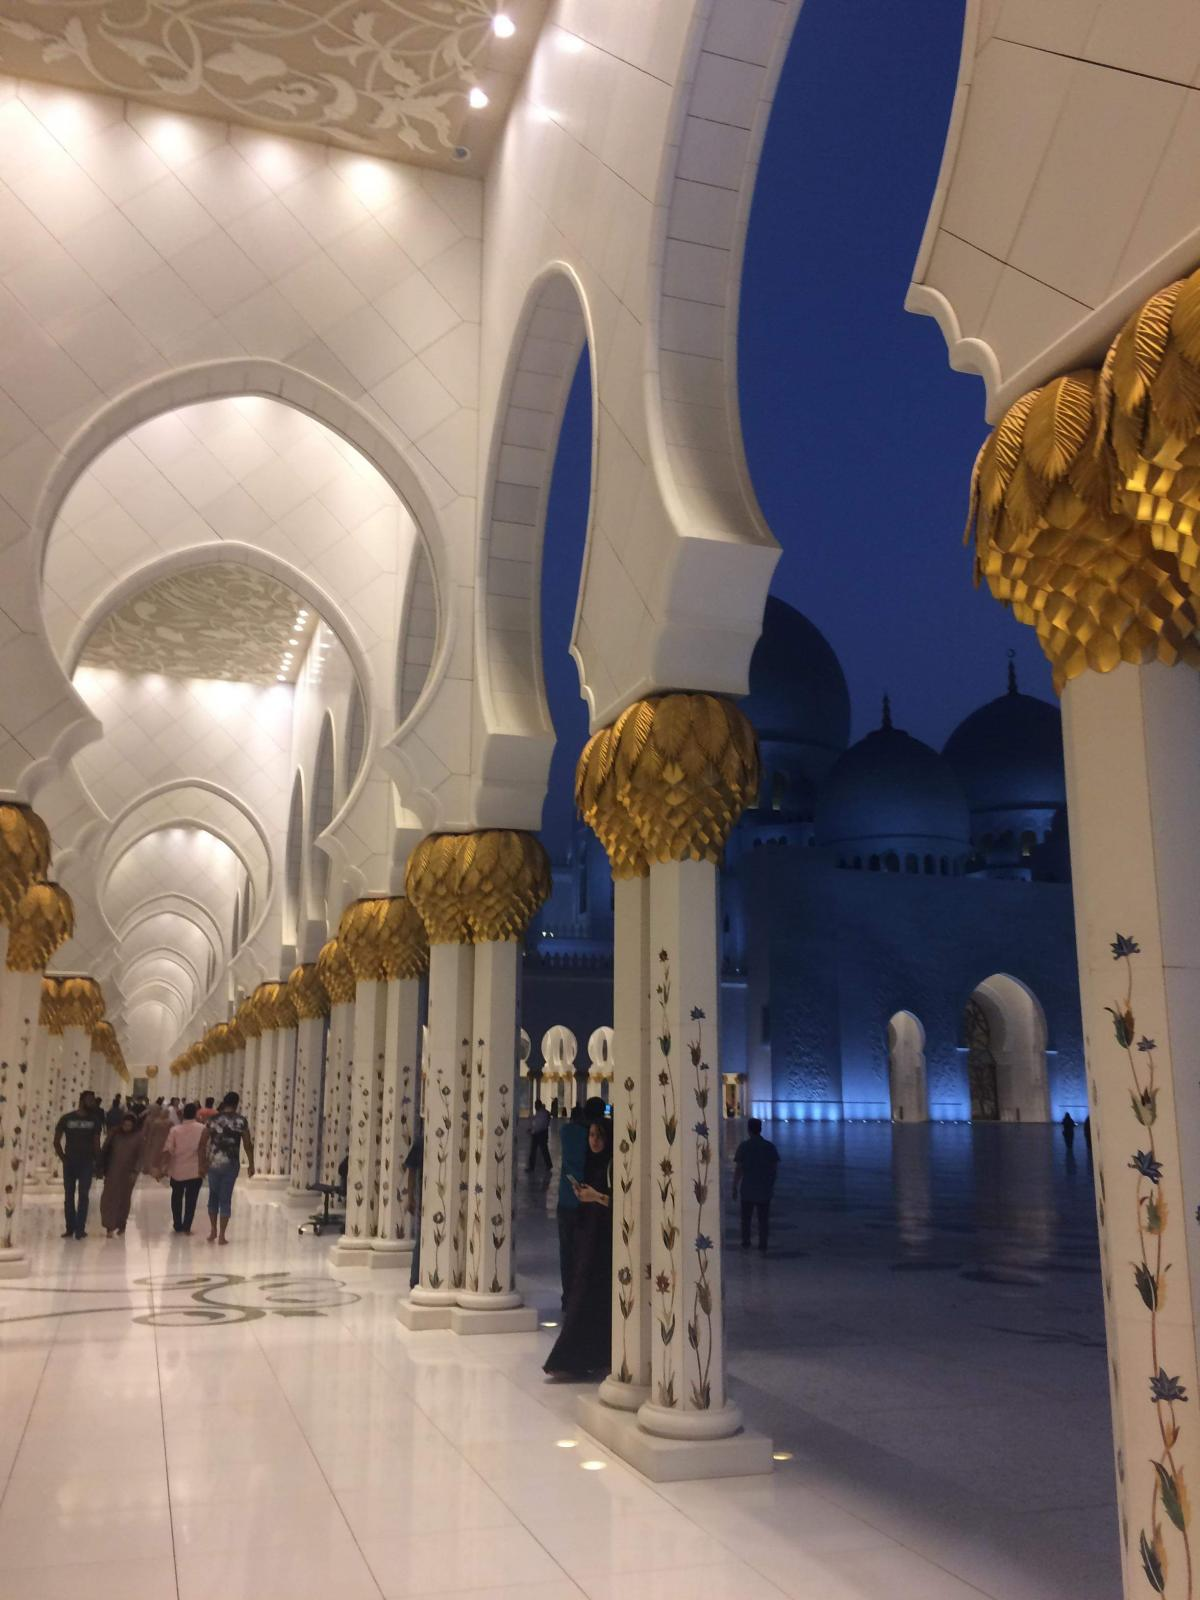 Абу-Даби - мультинациональный город / Фото Нина Жильцова